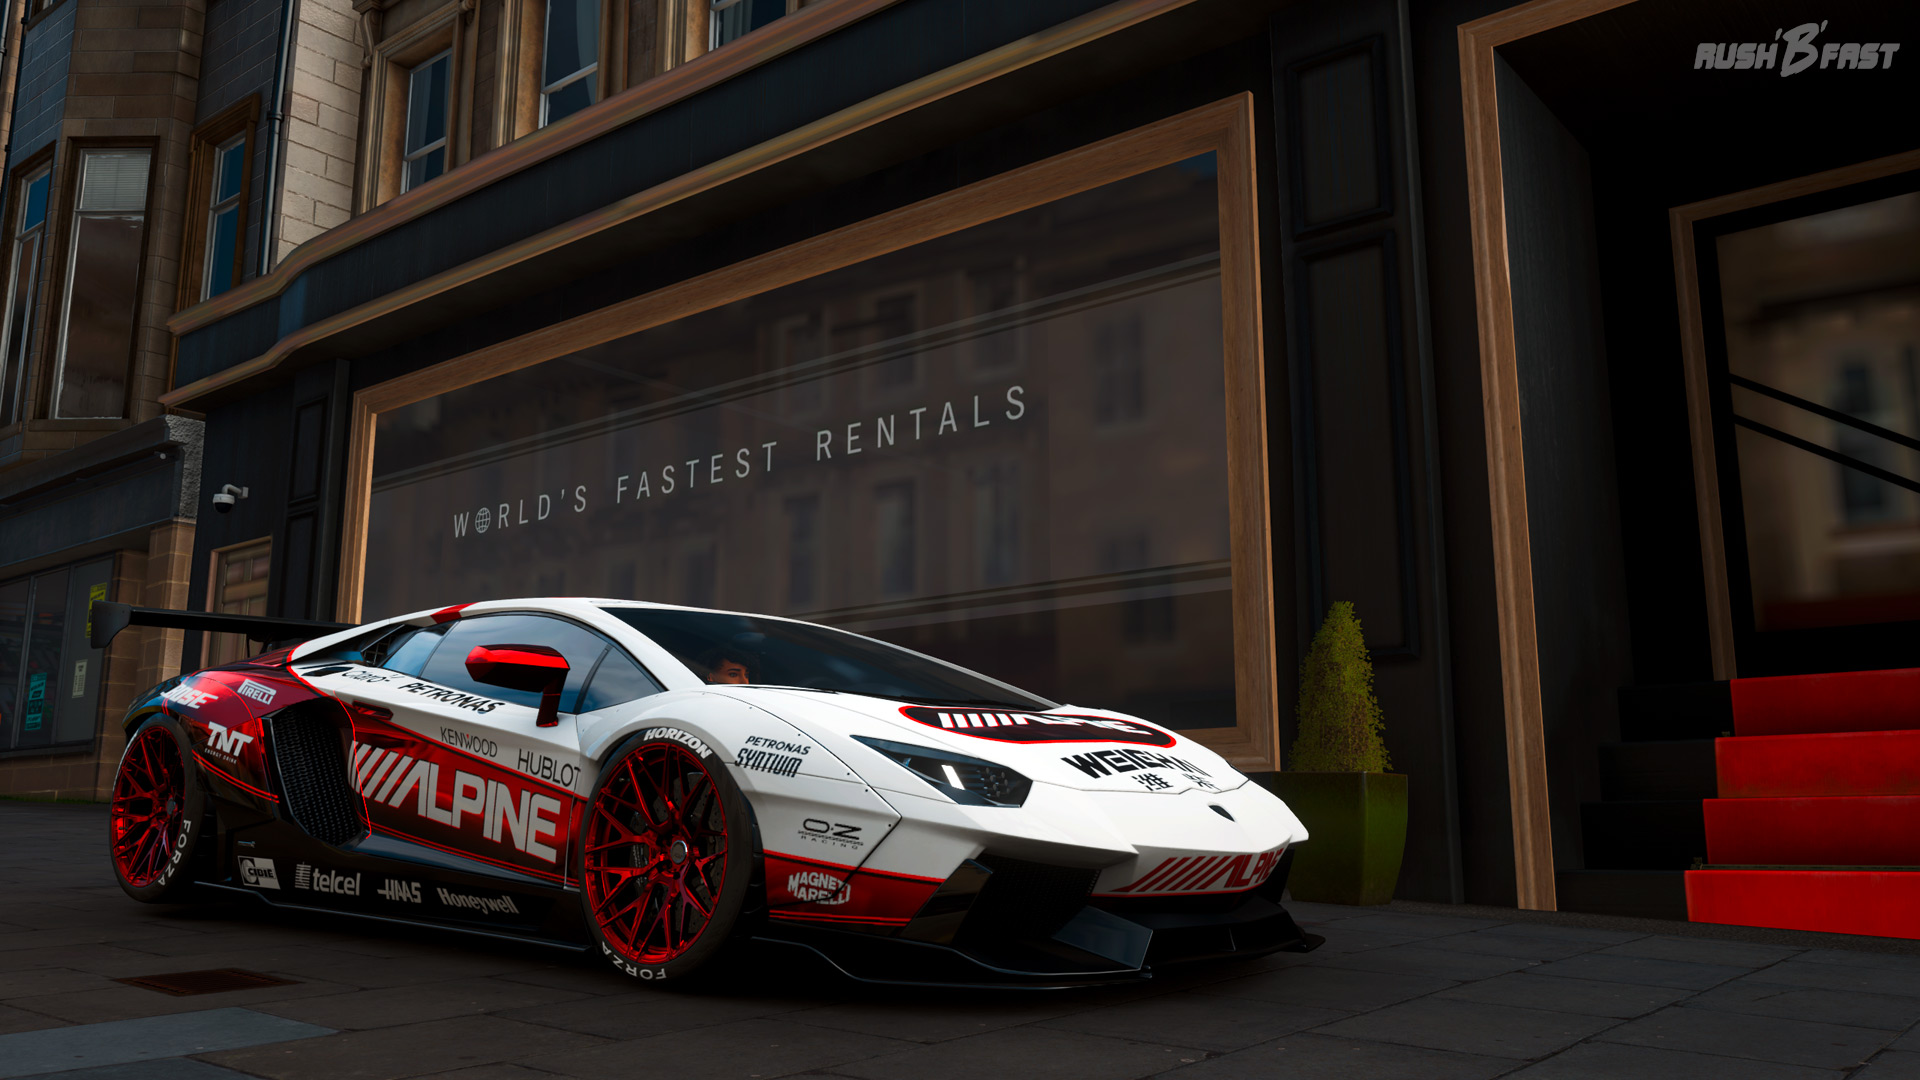 Forza Horizon 4 - Die weltschnellste Autovermietung